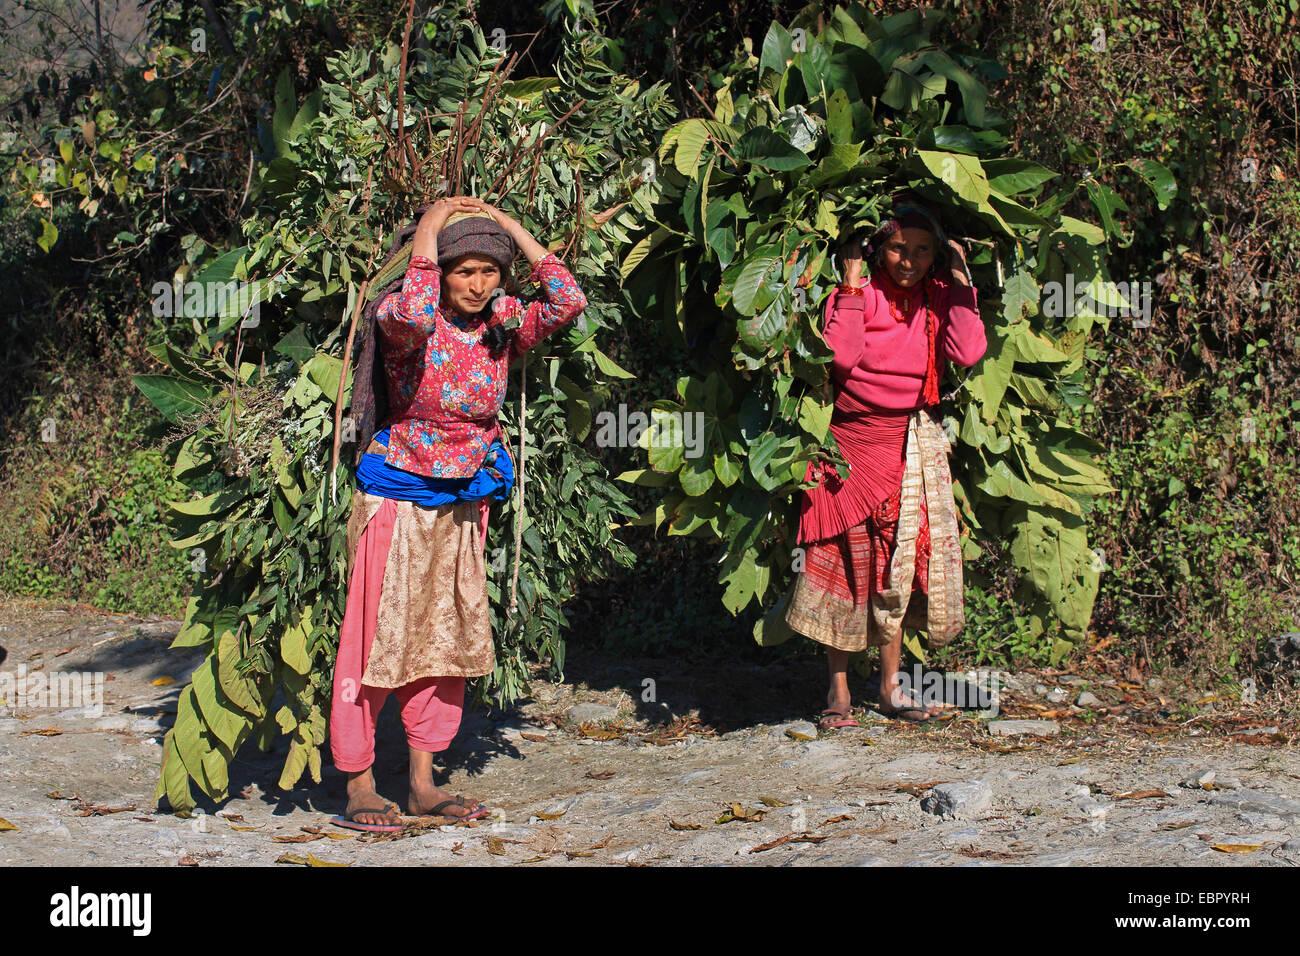 Les femmes exerçant une abondance de nourriture pour les bêtes, Népal, Pokhara, Kathmandutal Photo Stock